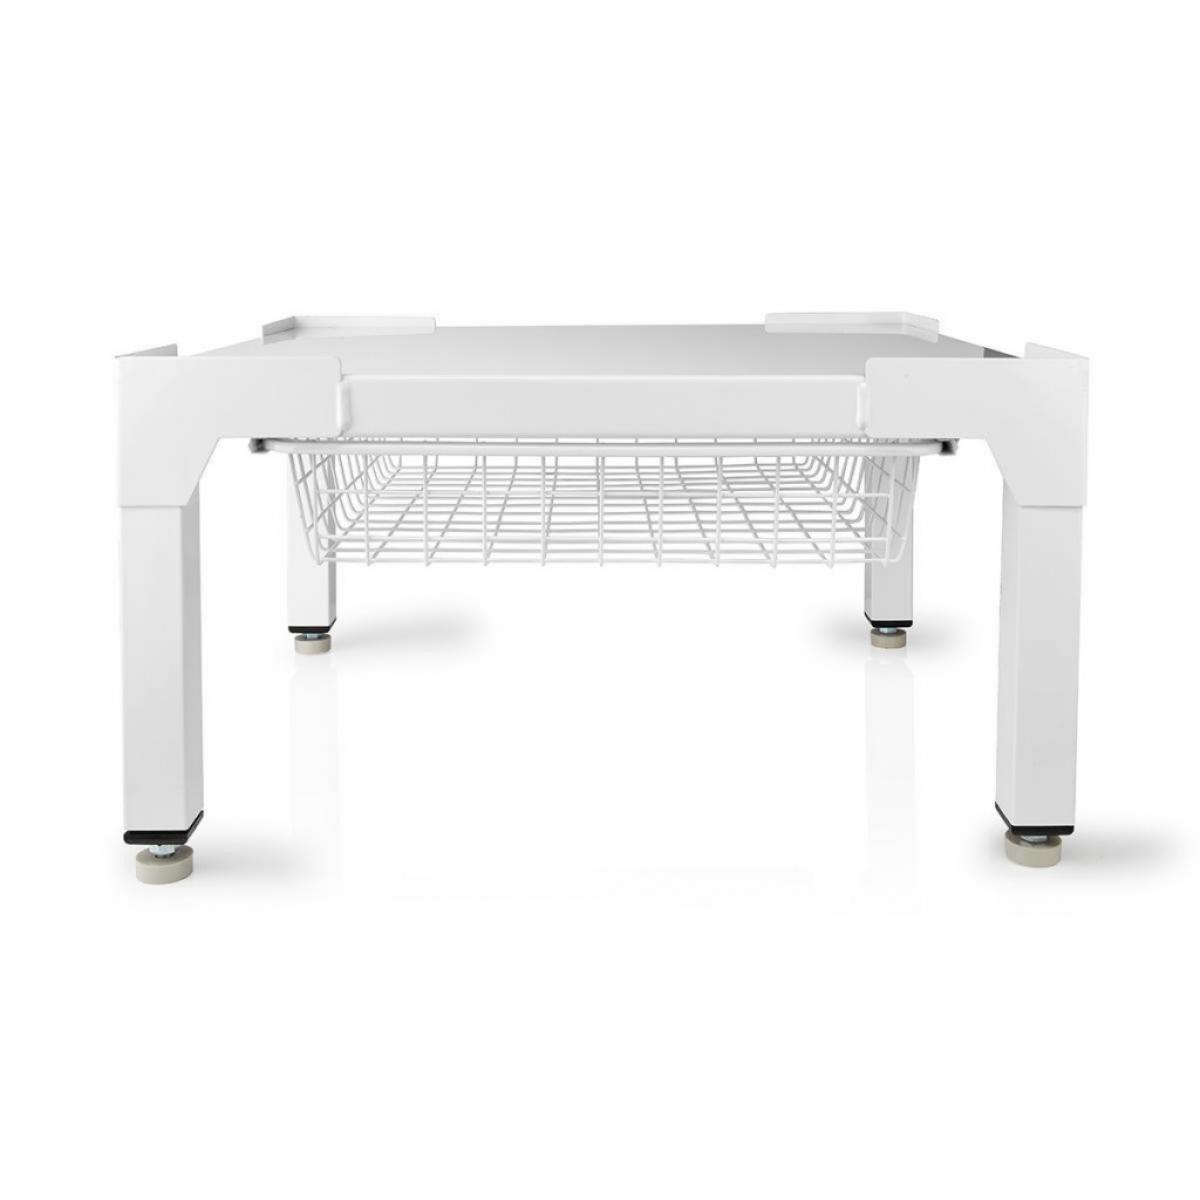 Nedis Support pour Lave-linge/Sèche-linge | Panier | 30 cm